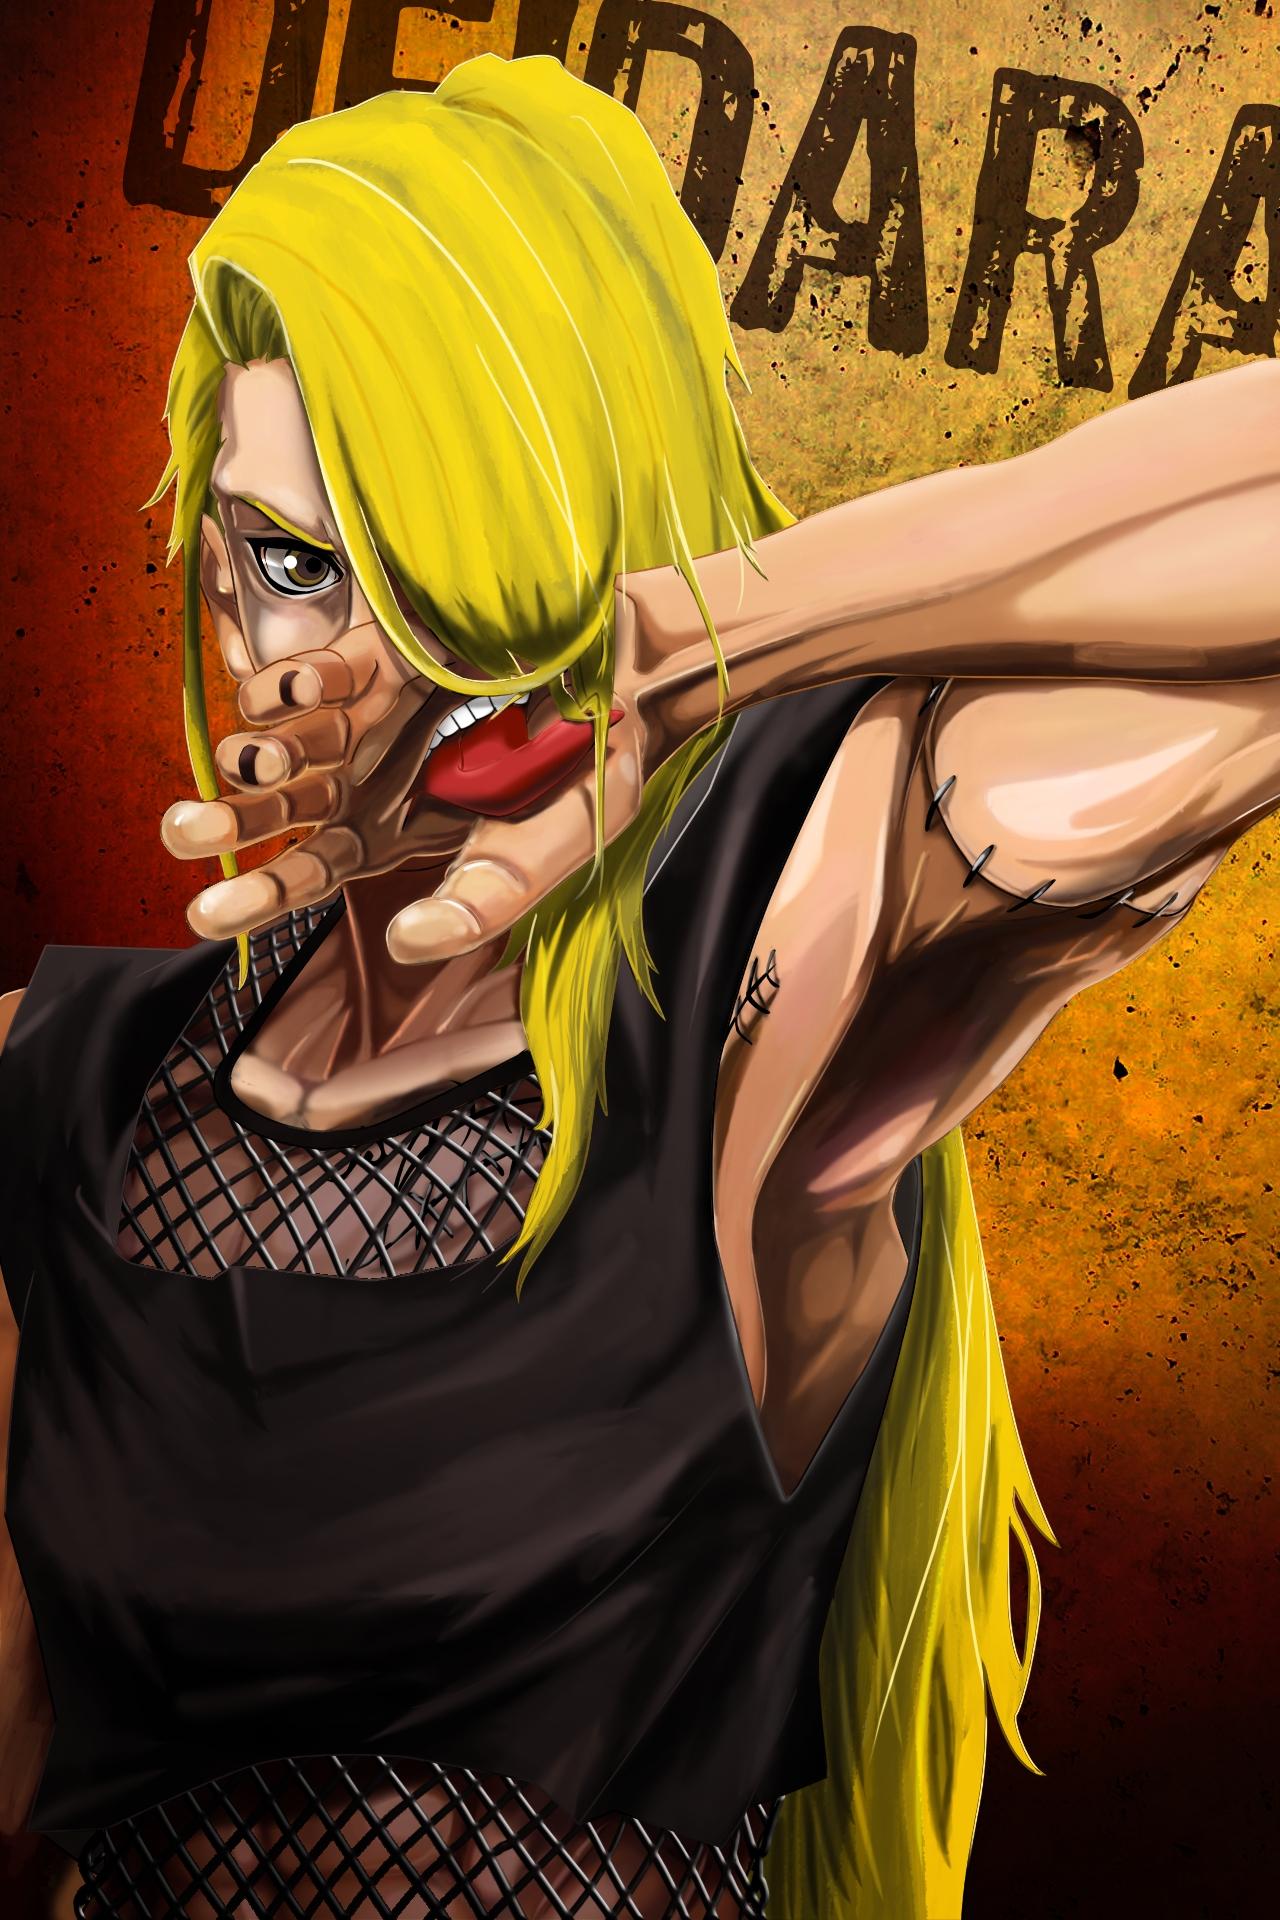 Deidara mobile wallpaper 1234386 zerochan anime image board - Deidara wallpaper ...